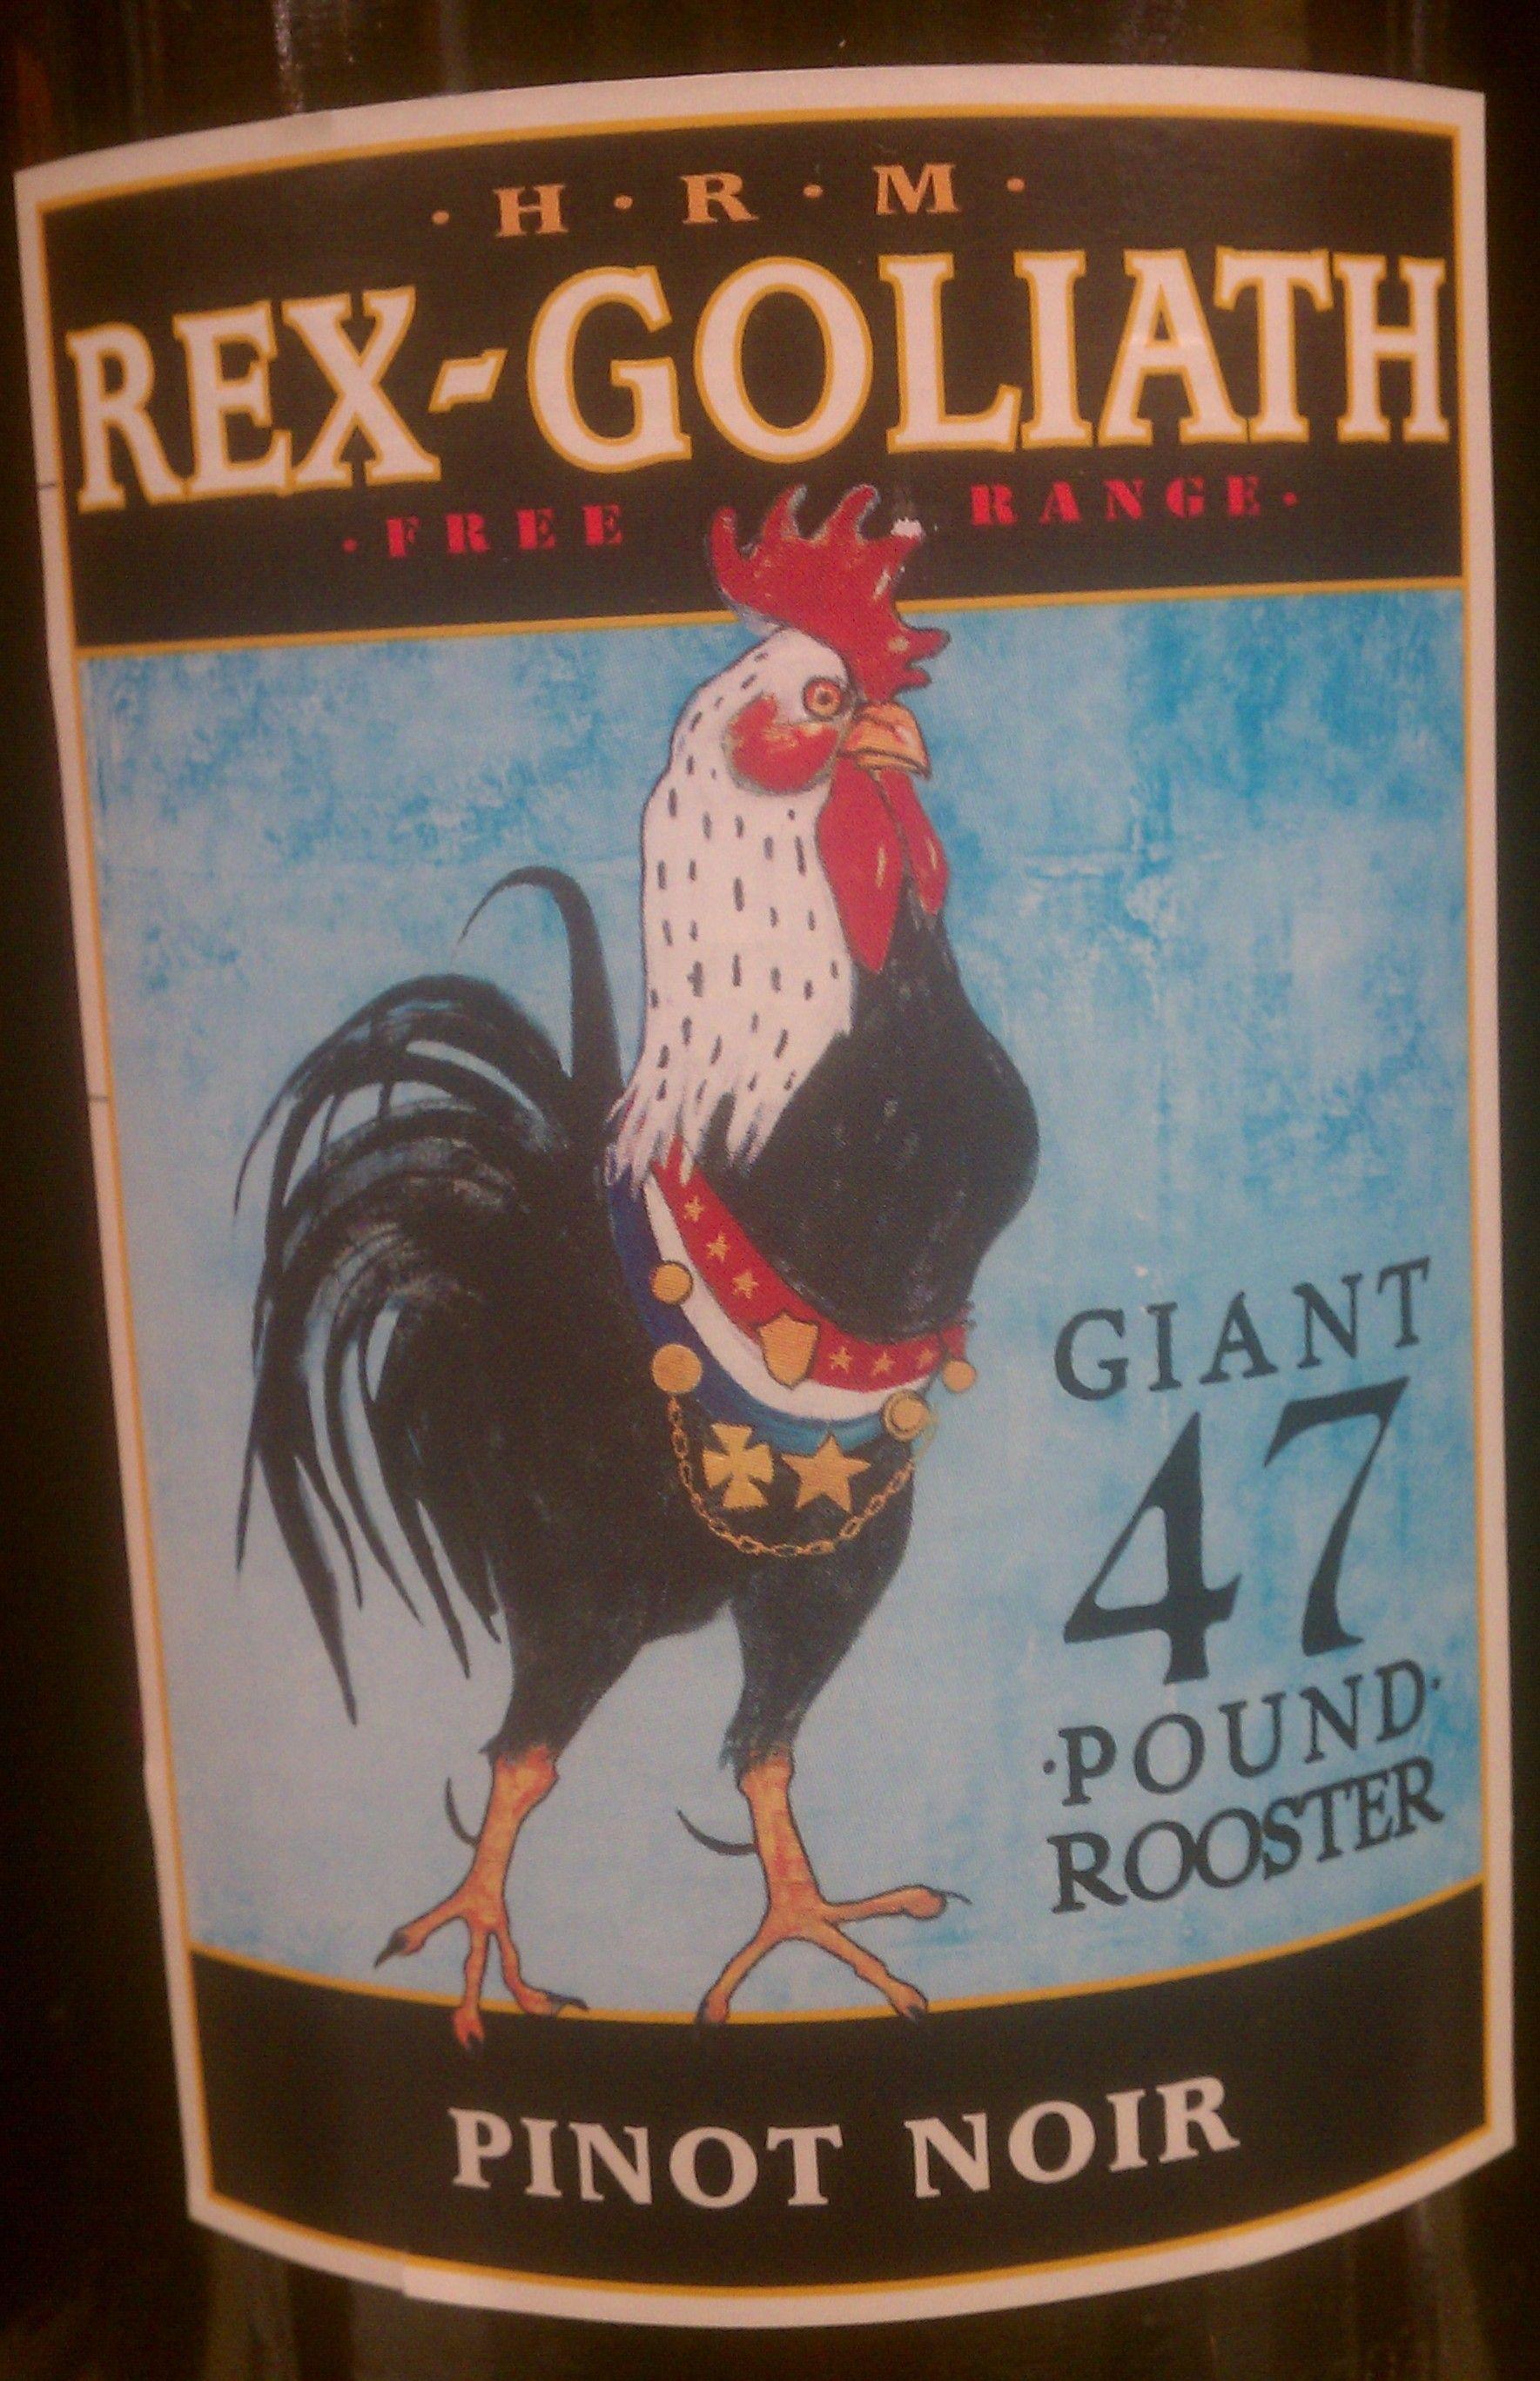 RexGoliath Rooster Wine Label Unique Wine Lable